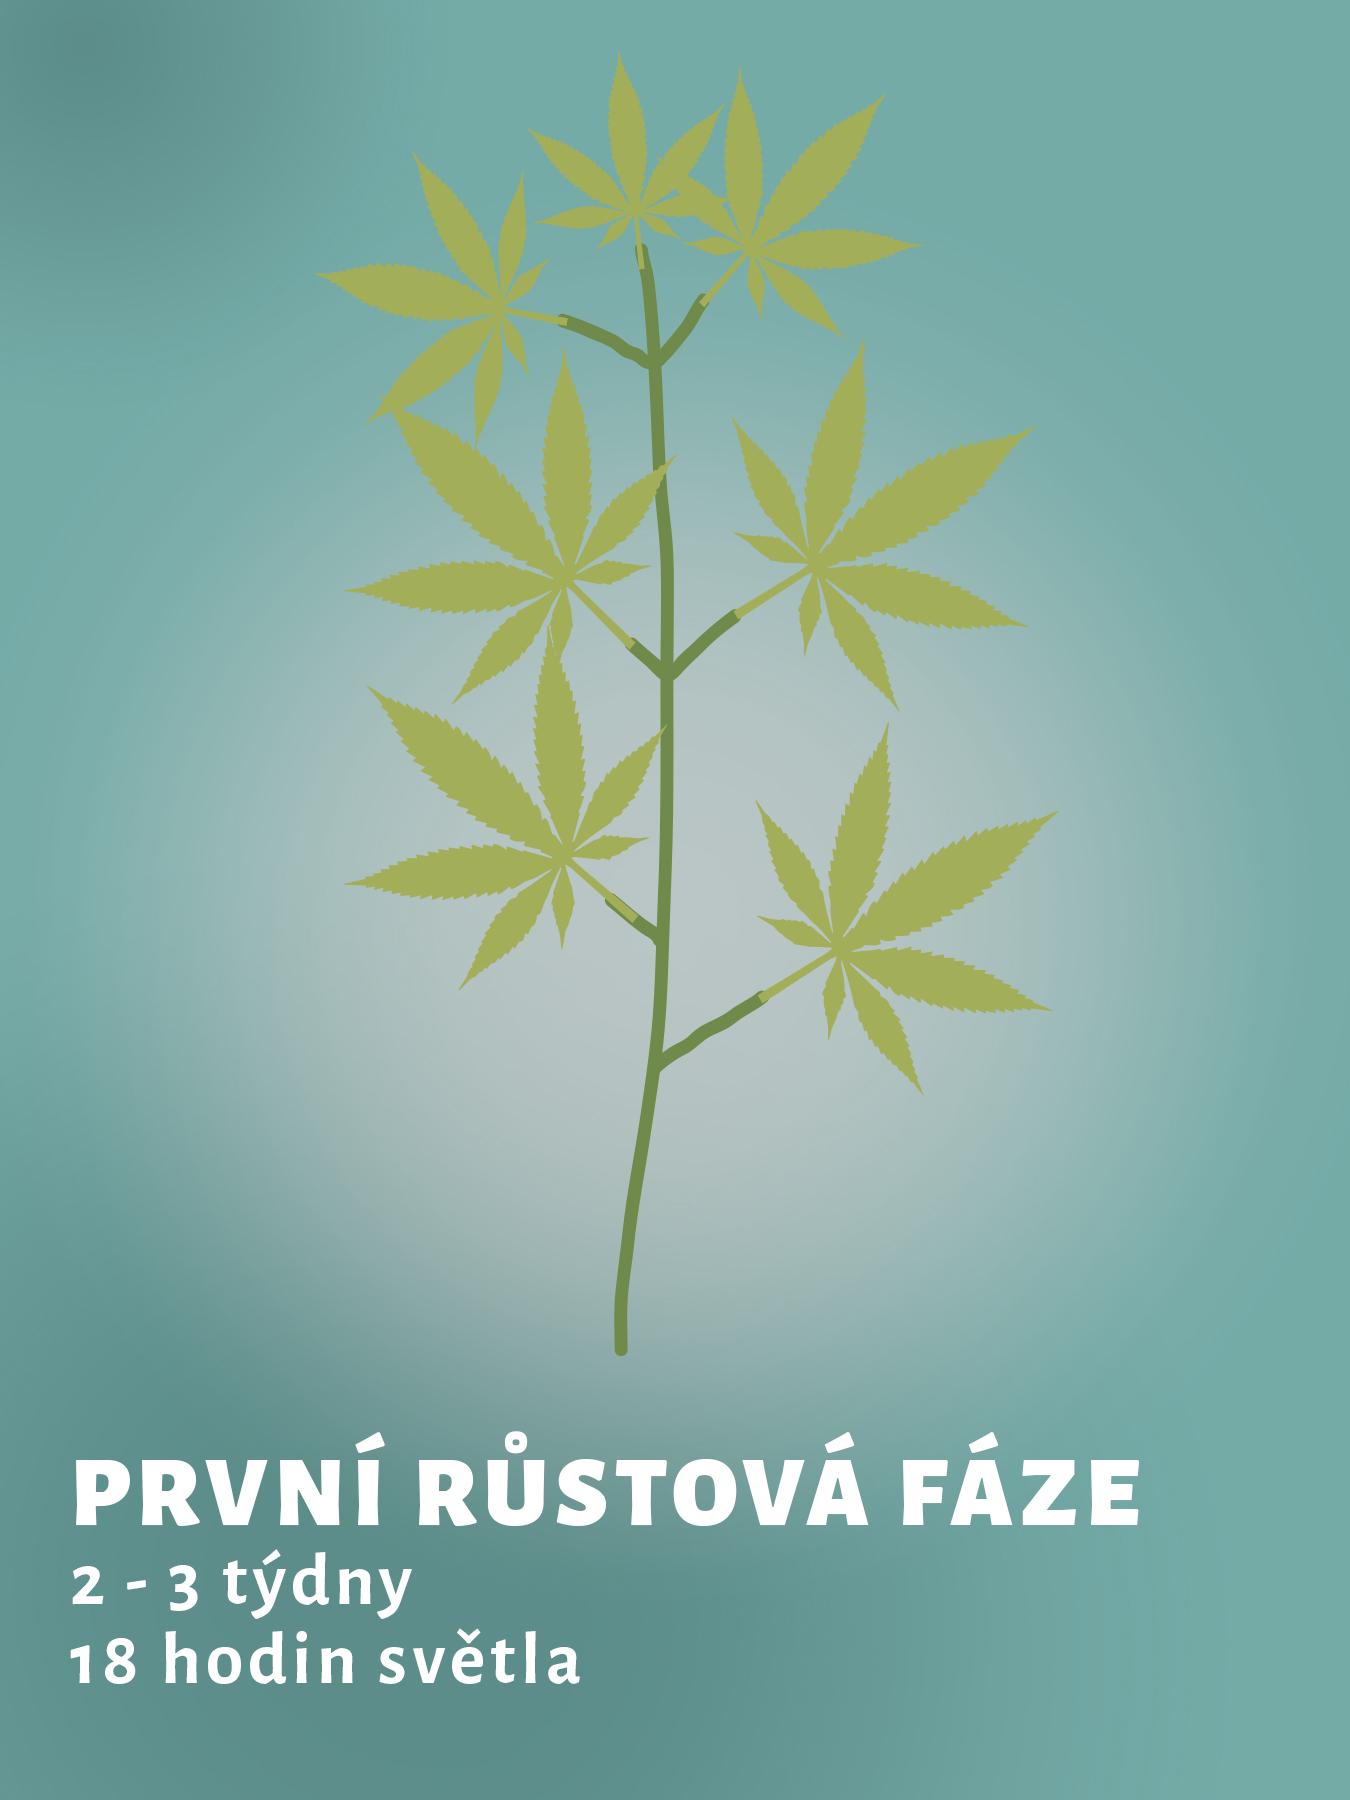 rustova-faze-konopi_1